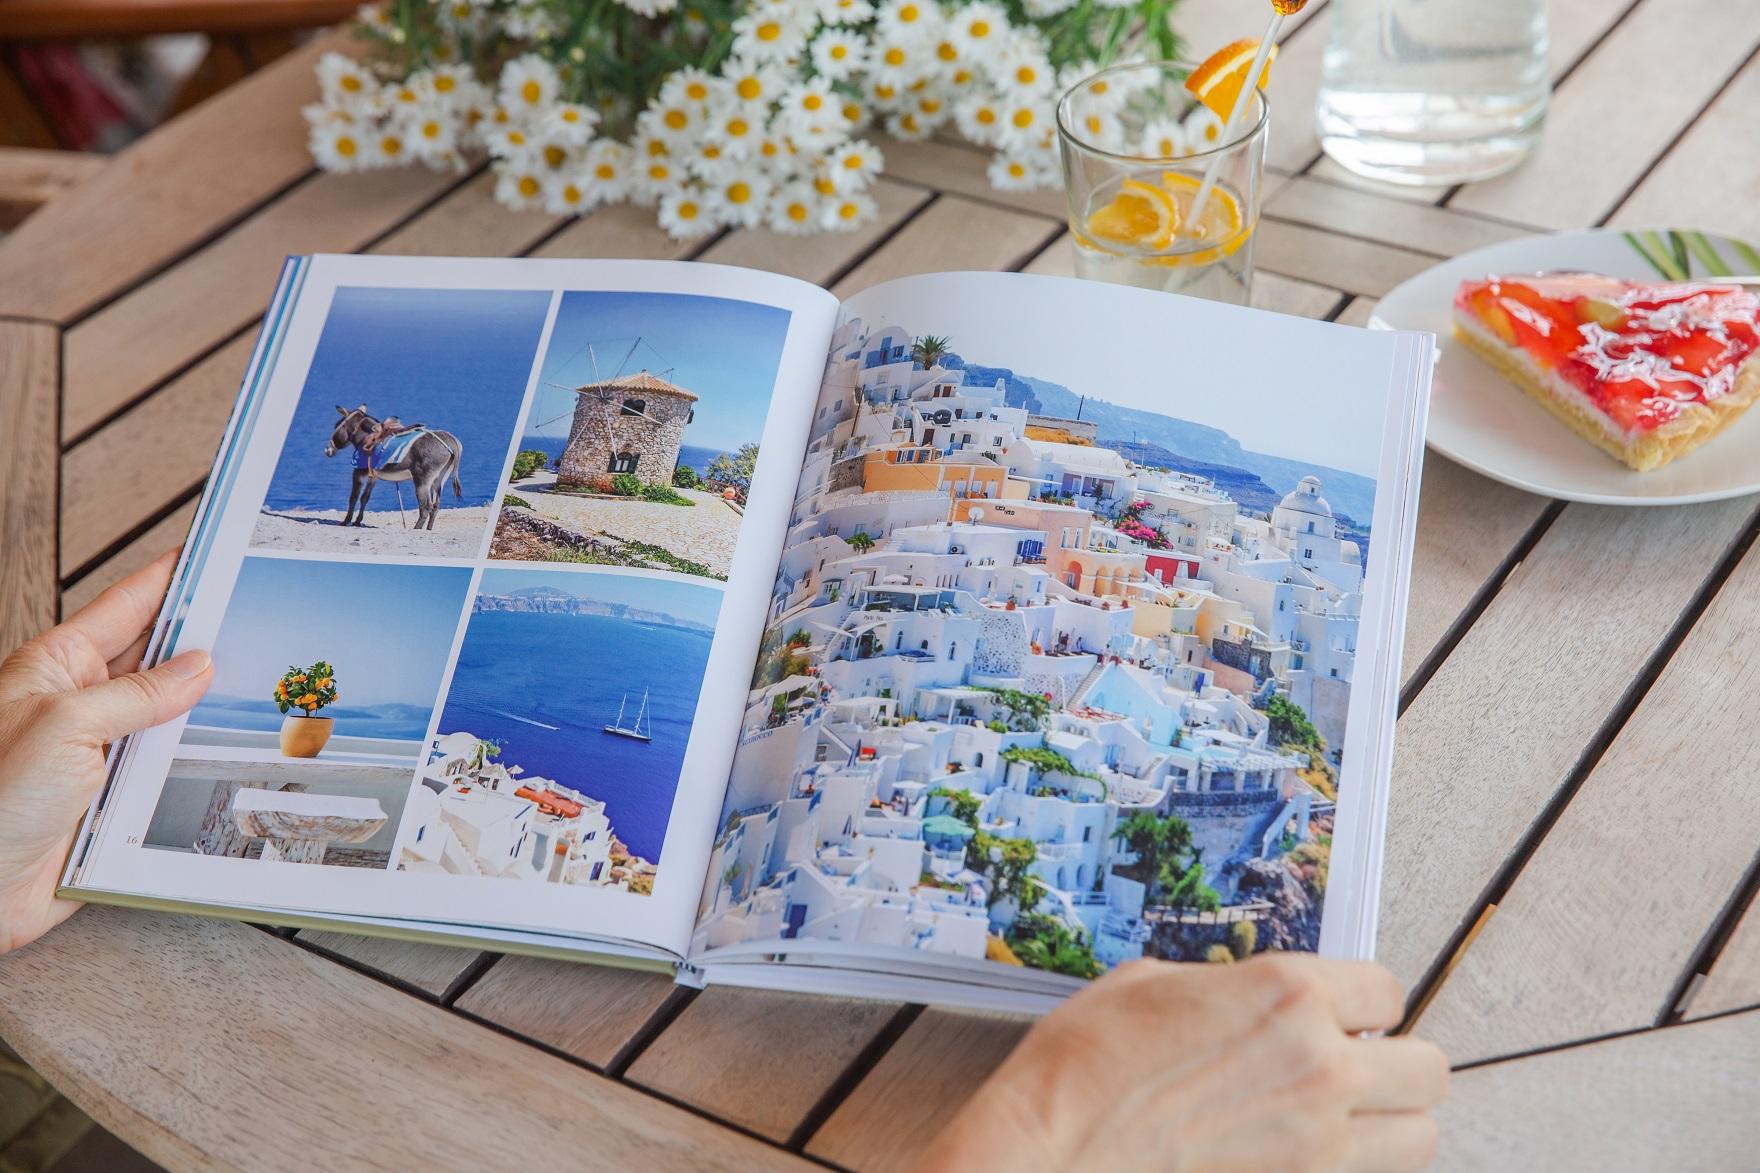 Bontia_fotoknihy pre fotky z dovolenky (6).jpg